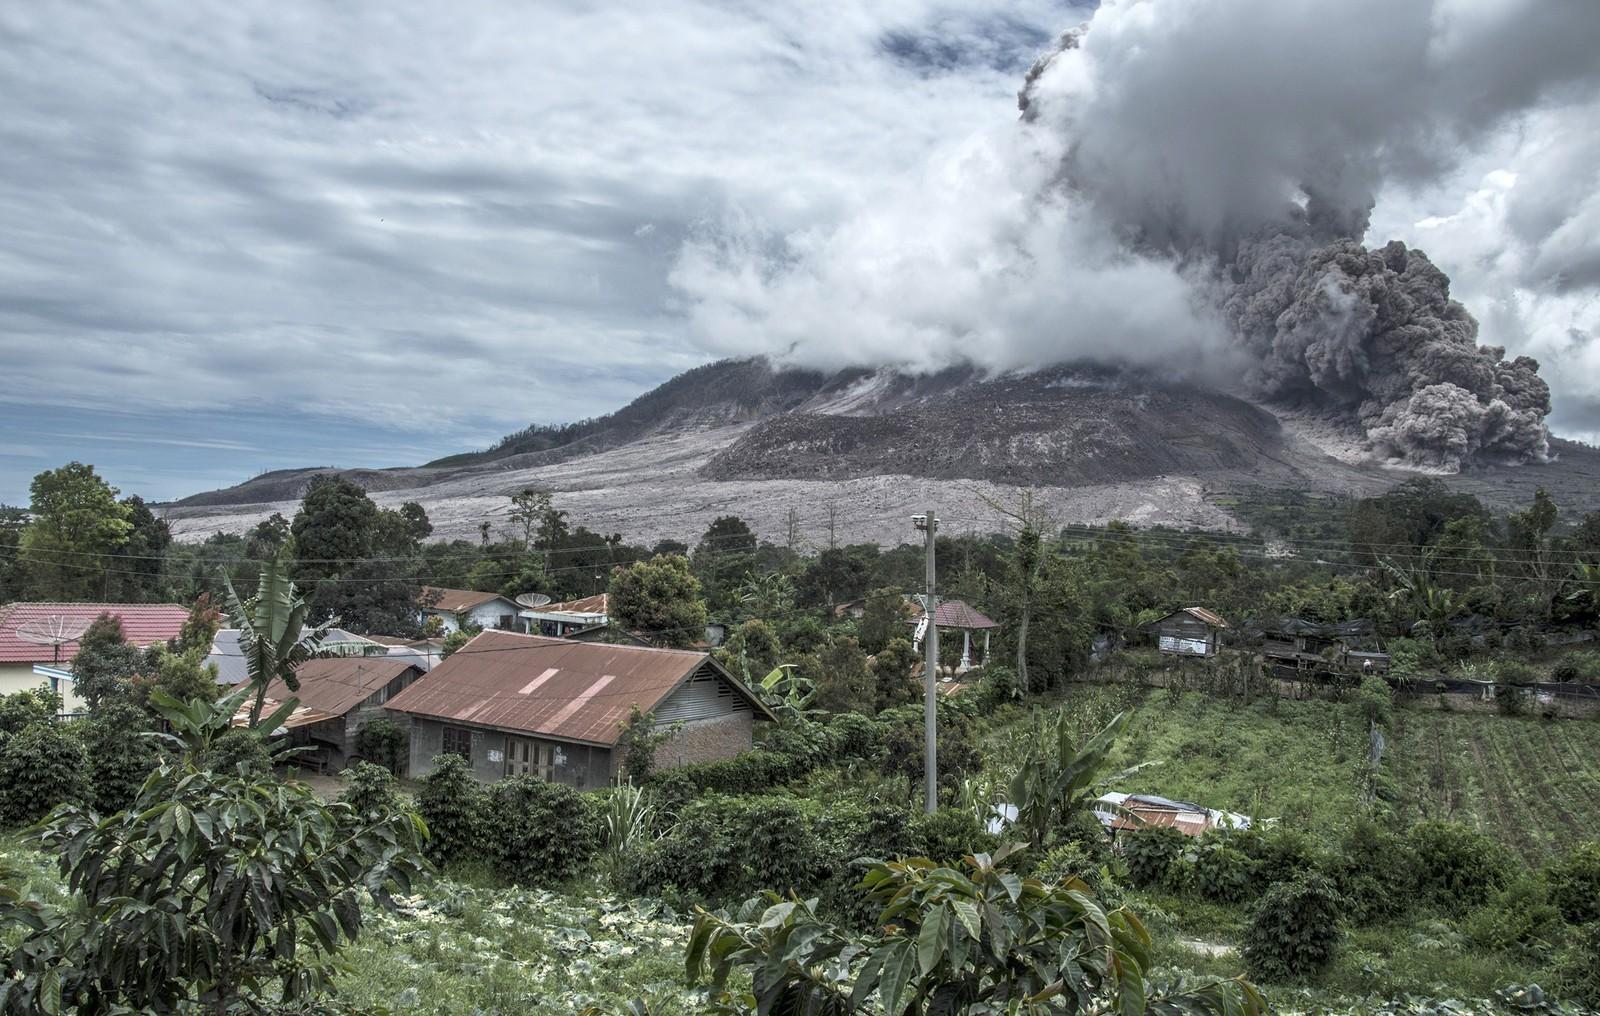 Vulkanen Sinabung spyr aske. Sett fra en landsby i Karo-distriktet i Nord-Sumatra. Mer enn 1,200 mennesker er evakuert i frykt for et større utbrudd.